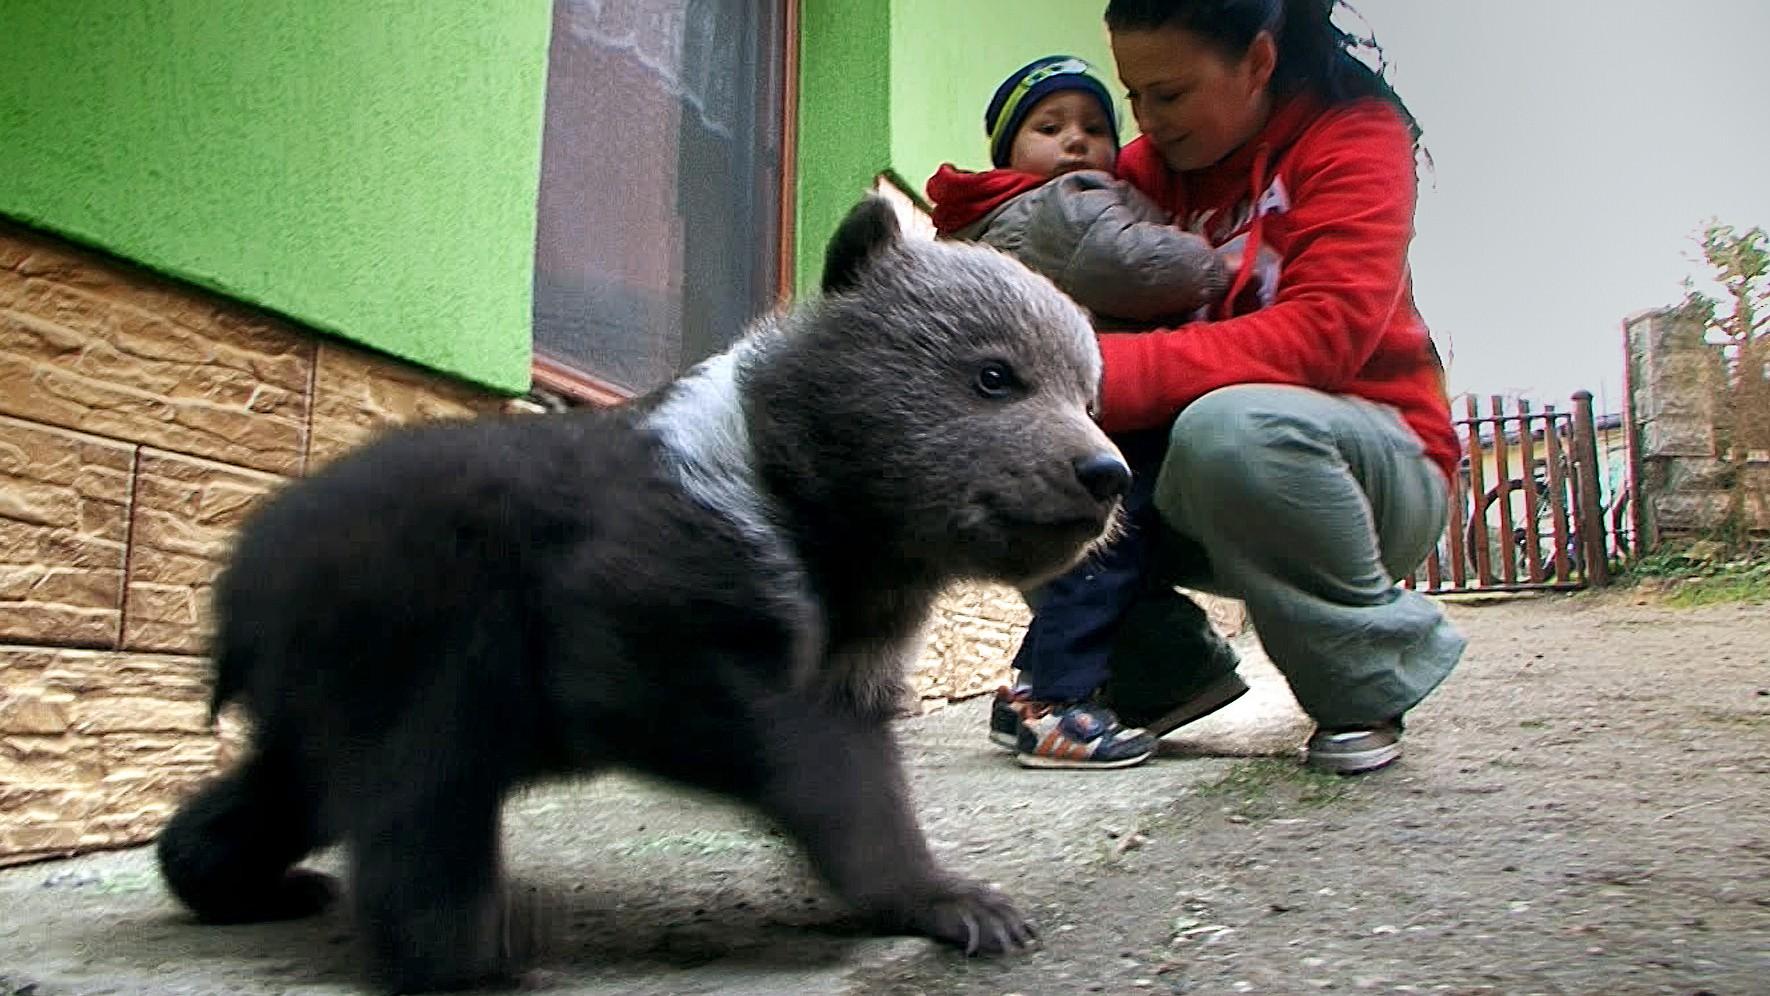 Príbeh zachráneného medvedíka Miša má šťastný koniec 38fa631da2d